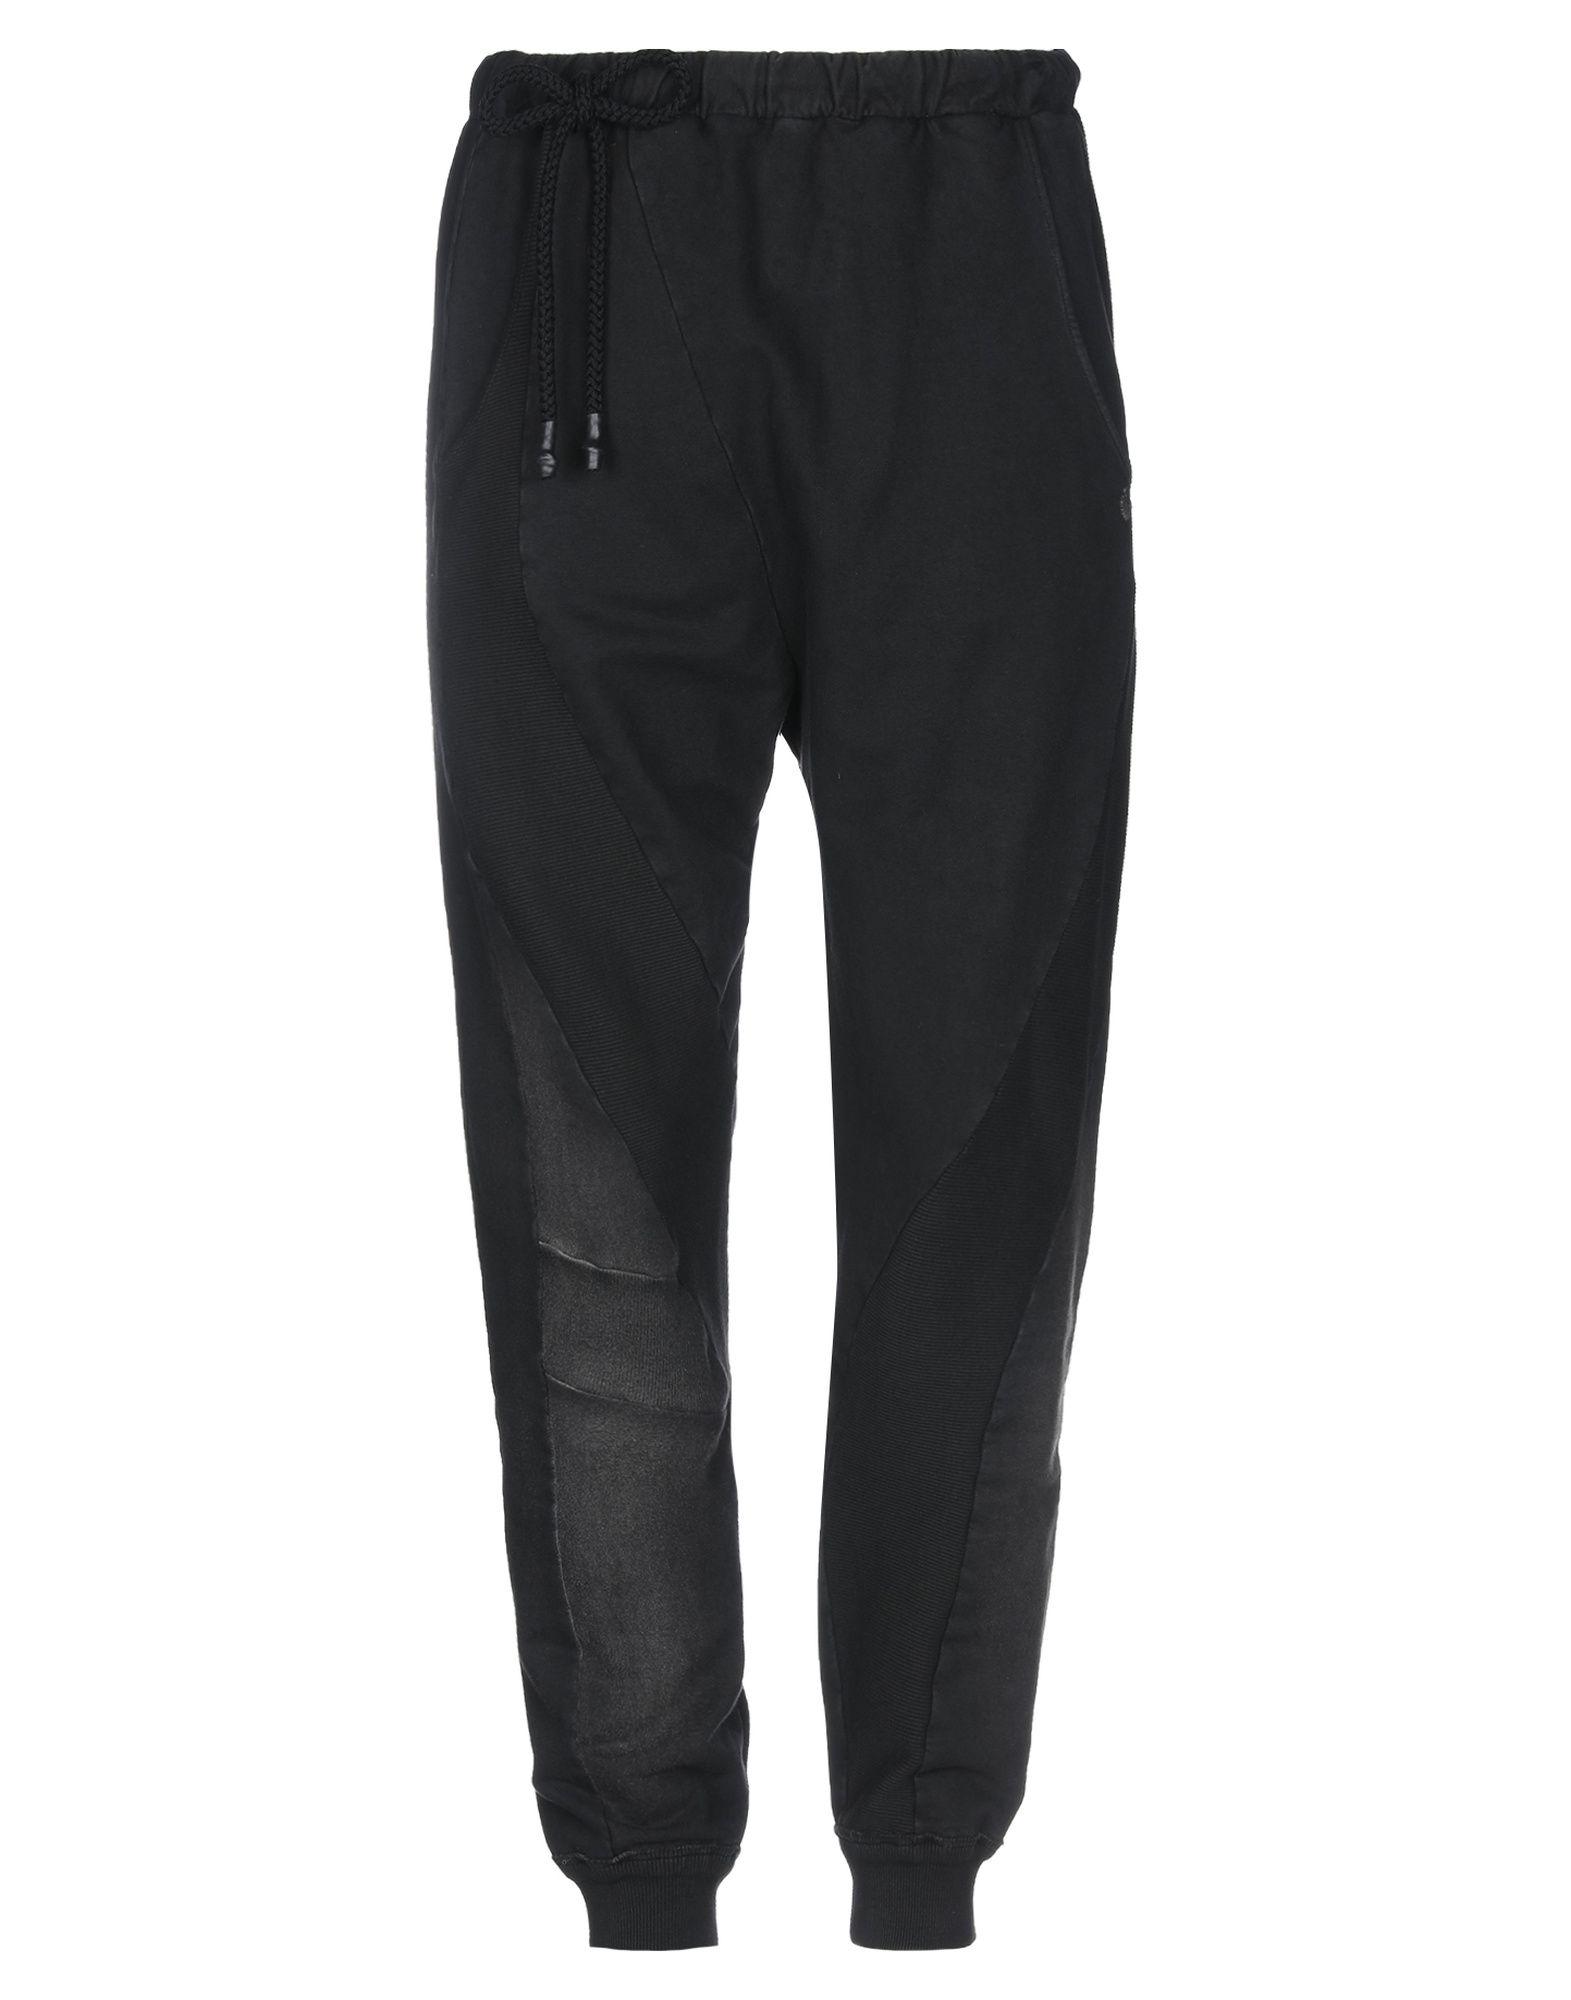 Pantalone Nostrasantissima Nostrasantissima uomo - 13327953IA  Bestellen Sie jetzt mit großem Rabatt und kostenlosem Versand